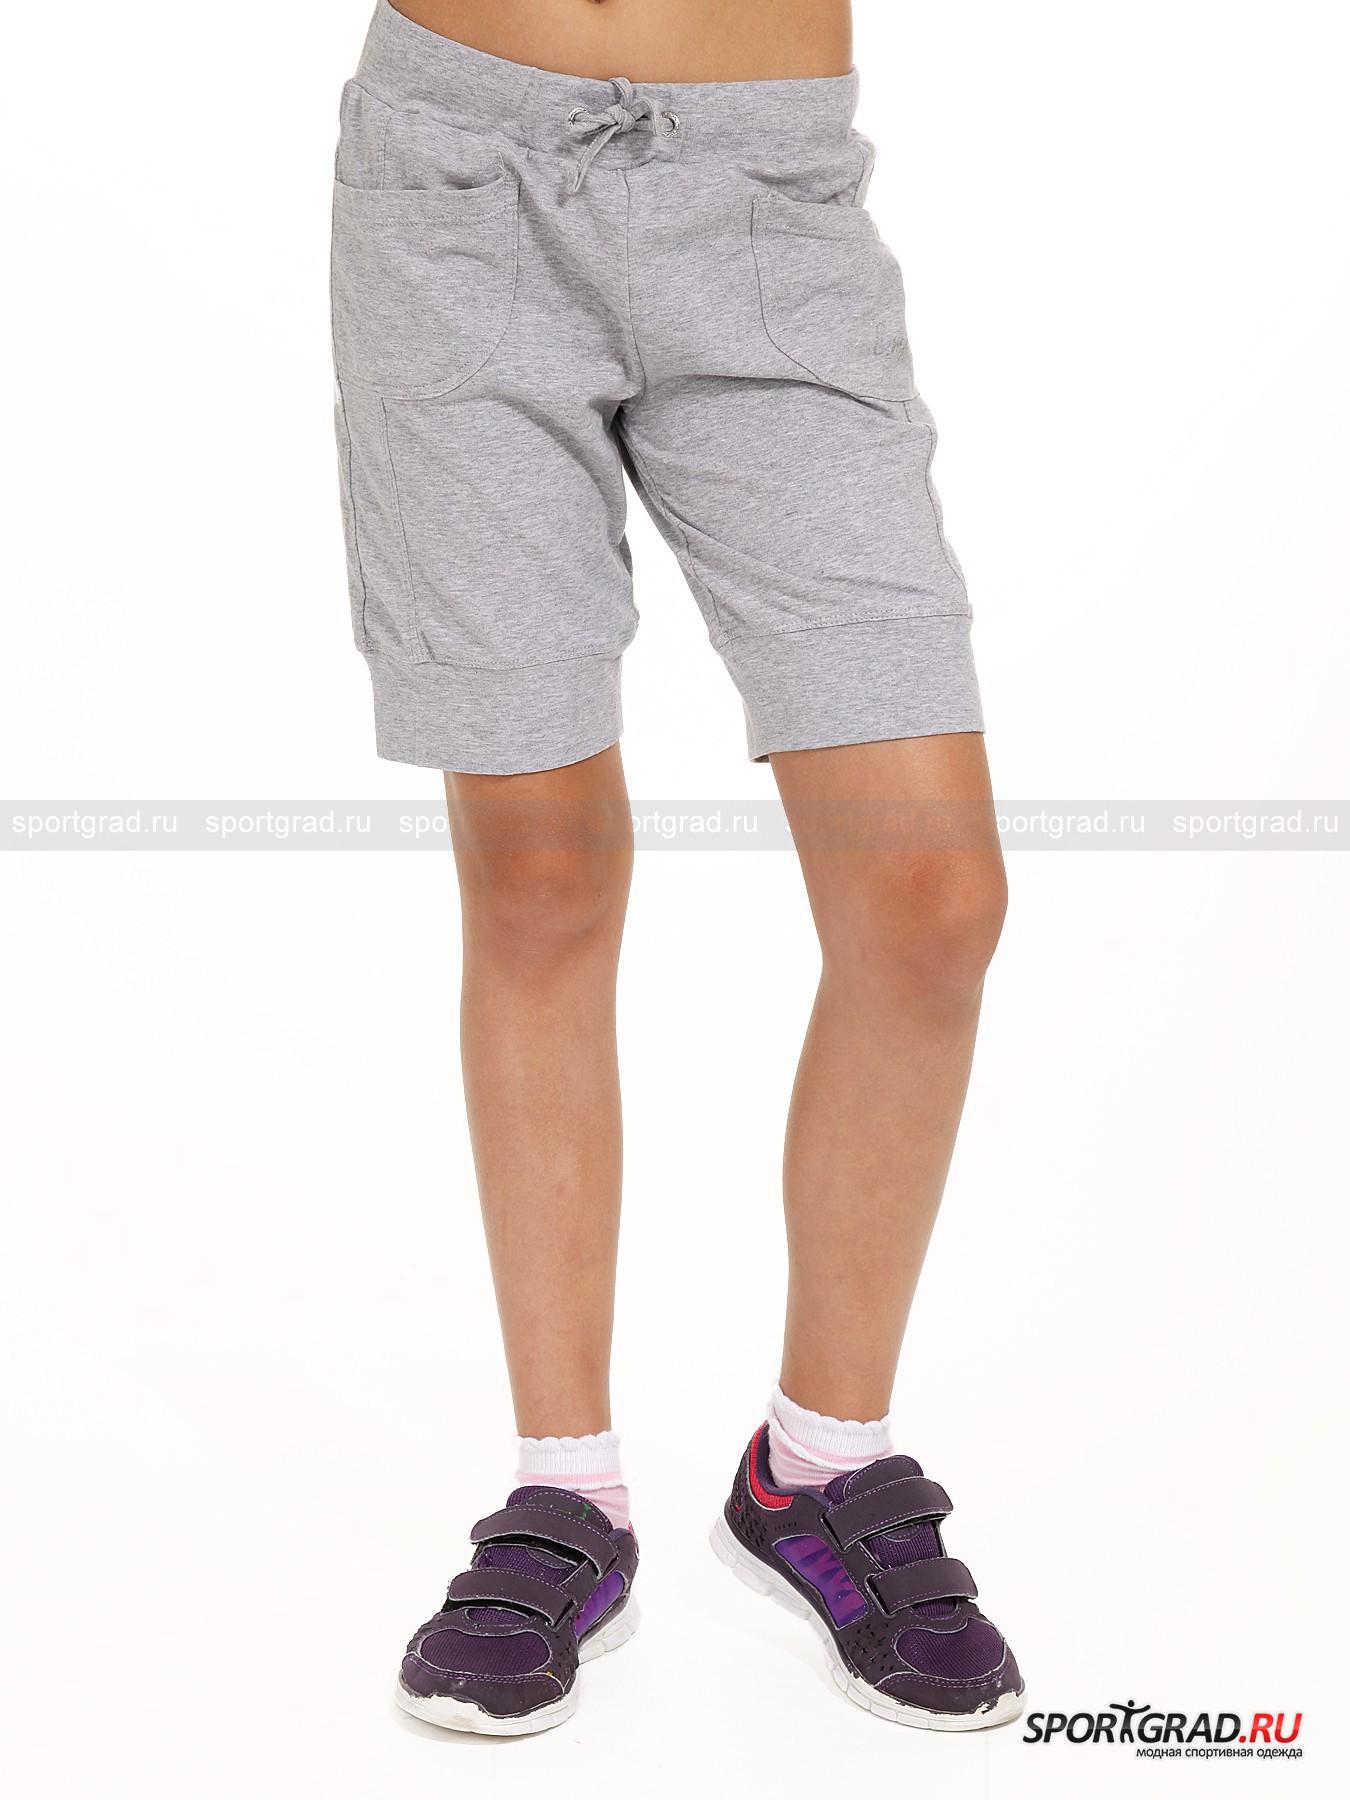 Шорты для девочек CAMPAGNOLOБриджи, Капри<br>Мягкие шорты для девочек от CAMPAGNOLO. Эта вещь подойдёт как для спортивных тренировок, так и для повседневной носки. Изделие украшено выложенным из страз именем бренда, снабжено двумянакладными карманами и удобным притачным поясом. Ткань, из которой сшита данная модель, хорошо тянется и очень приятна телу, поэтому Ваш ребёнок сможет заниматься спортом или играть без малейшего стеснения движений. Правильный выбор заботливых родителей.<br><br>Возраст: Детский<br>Тип: Бриджи, Капри<br>Рекомендации по уходу: Ручная стирка при 30 градусах, щадящий ручной отжим, гладить при температуре до 120 градусов, вывернув наизнанку.<br>Состав: 95%хлопок, 5% эластан.